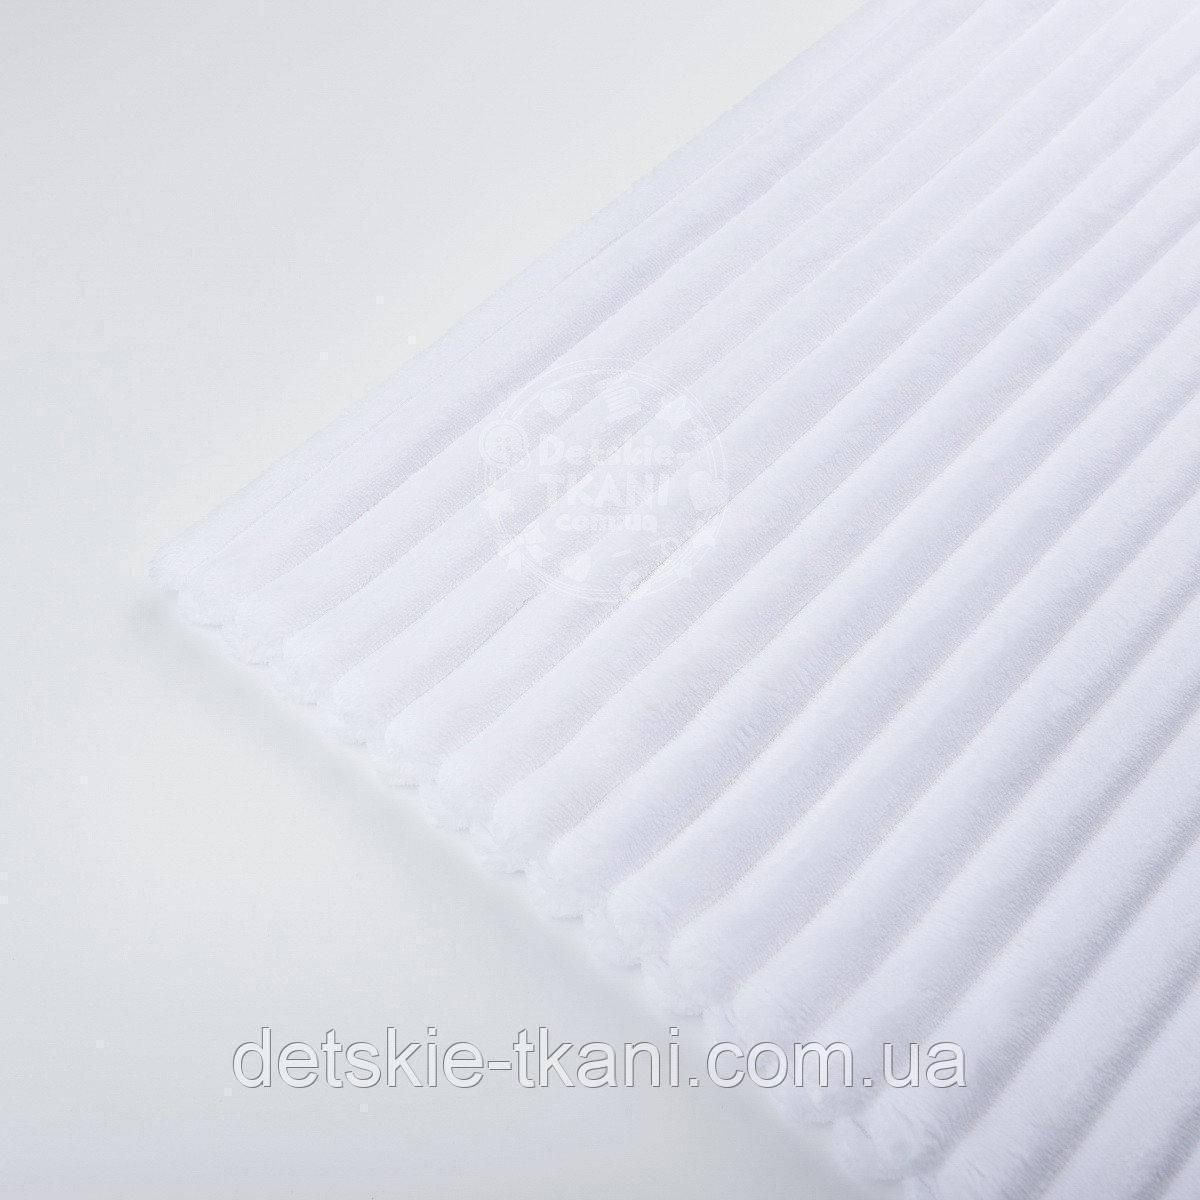 Лоскут плюша в полоску Stripes, цвет белый, размер 95*80 см